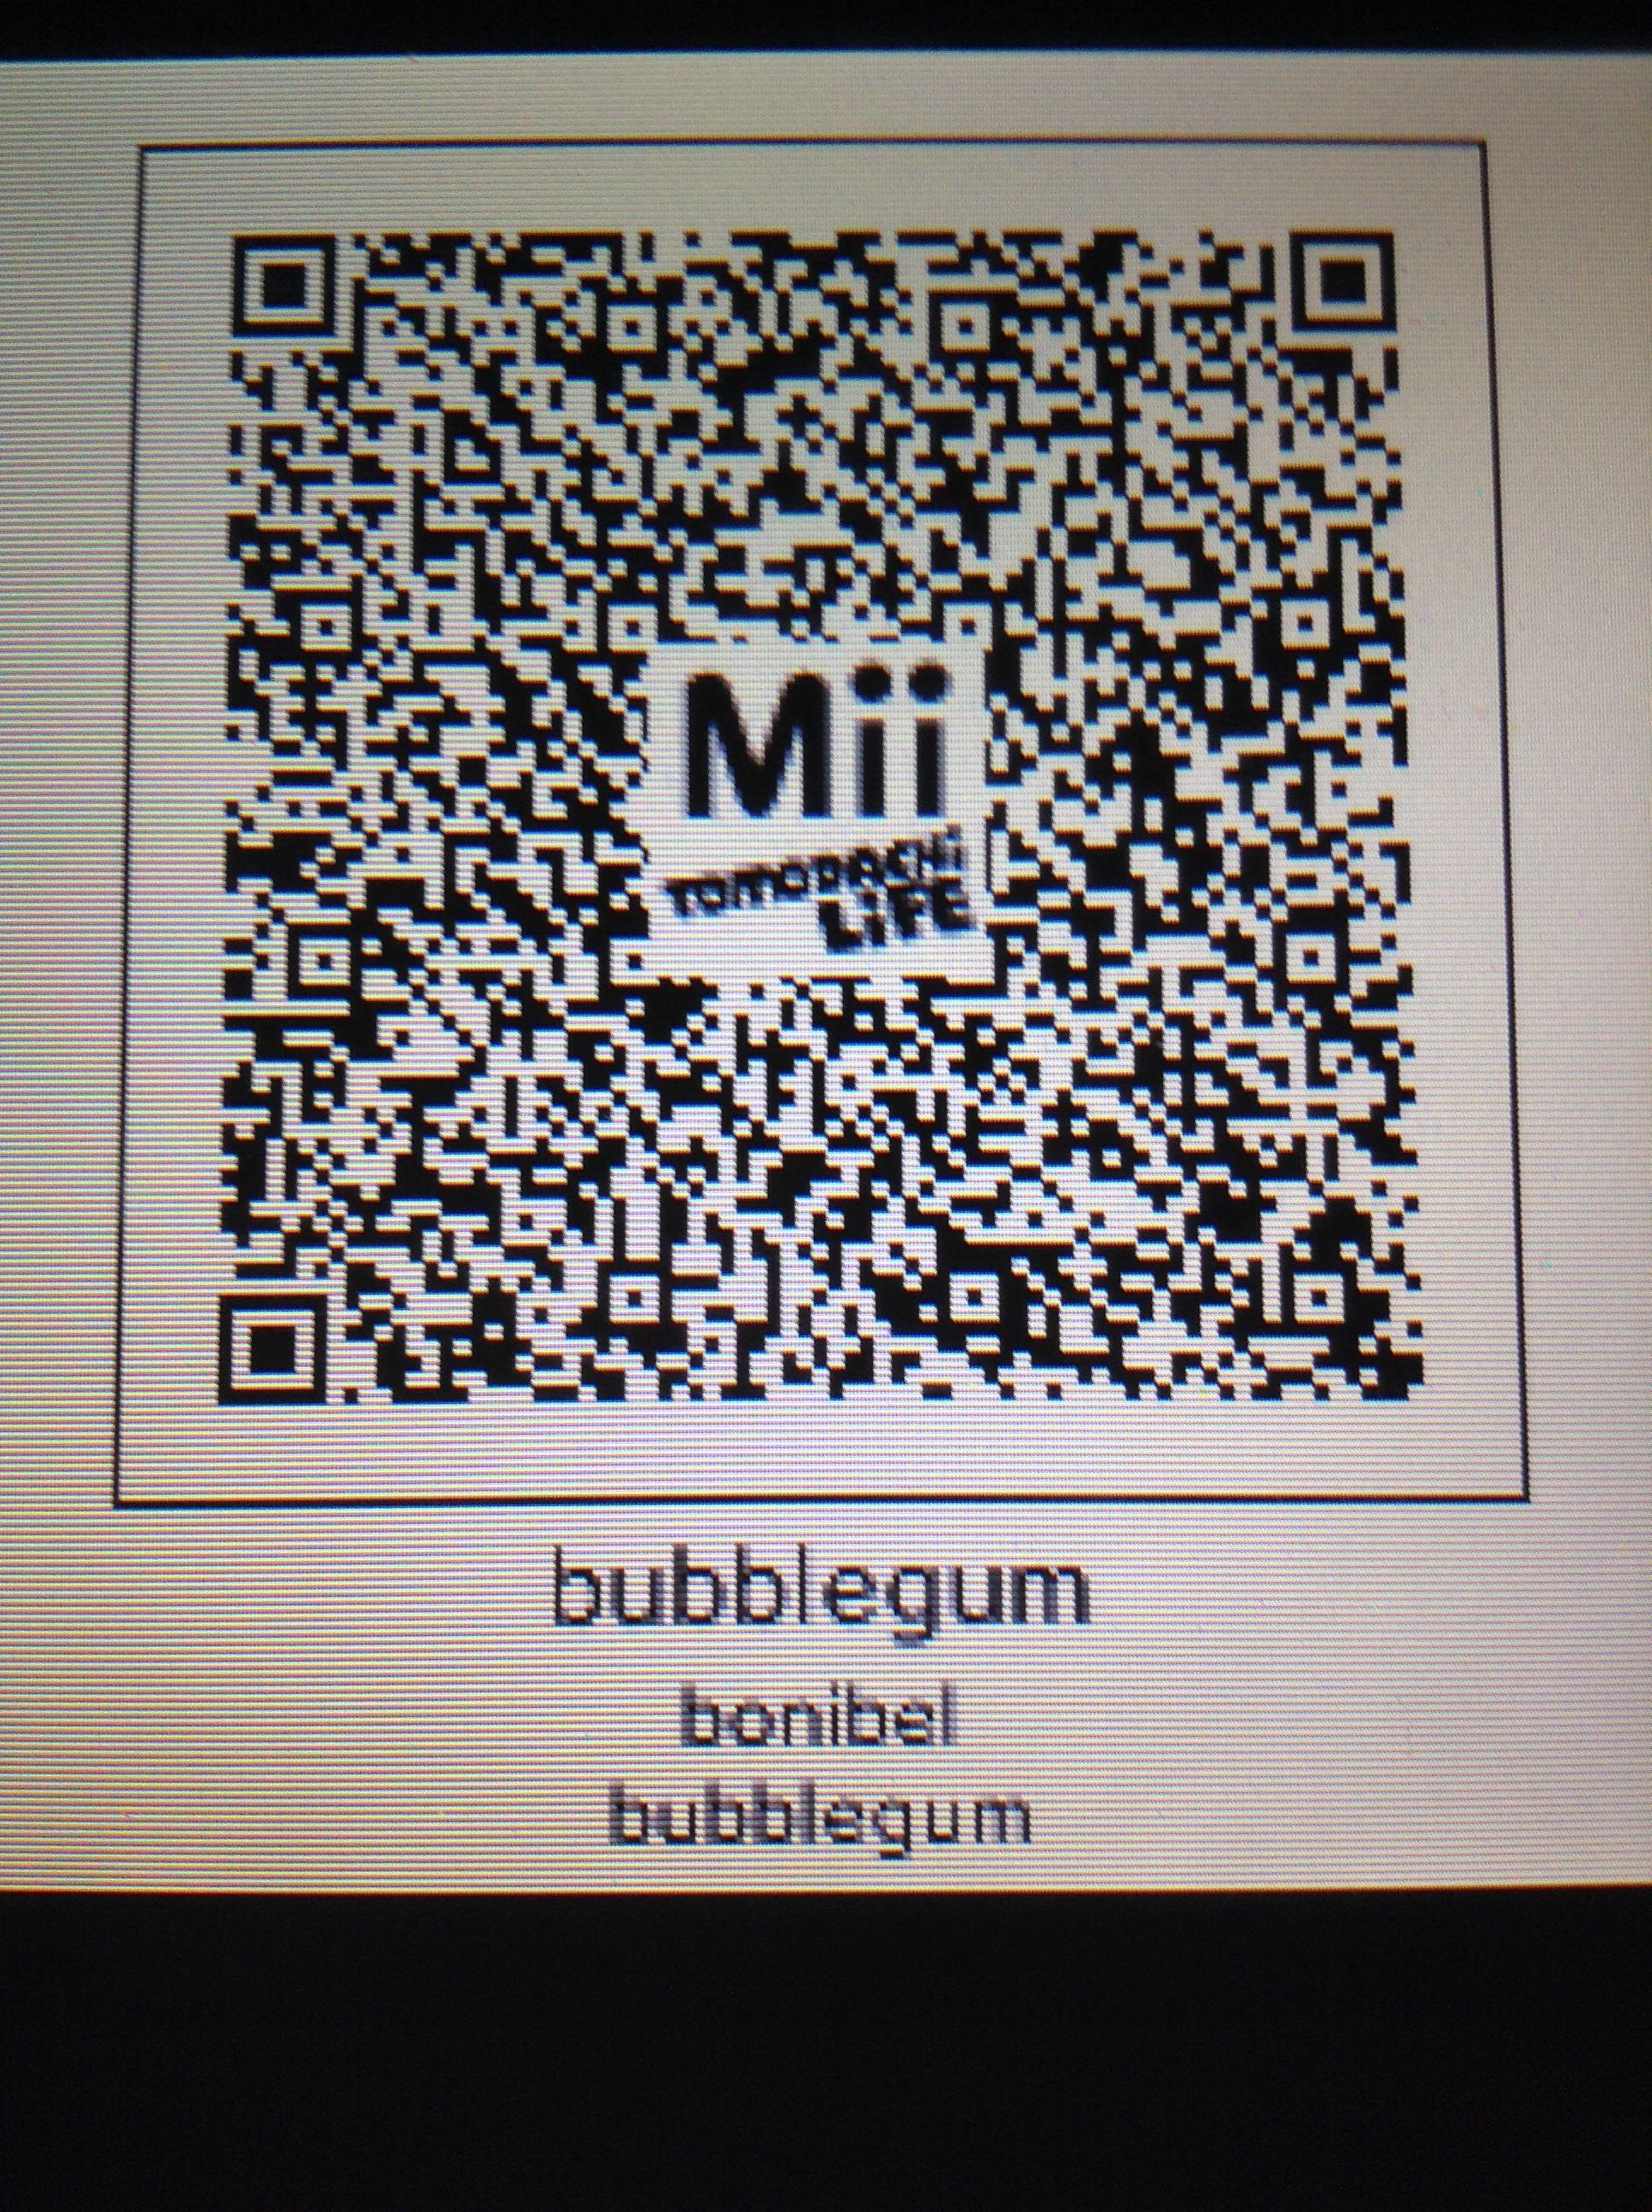 QR code for princess bubblegum Life code, Coding, Qr code